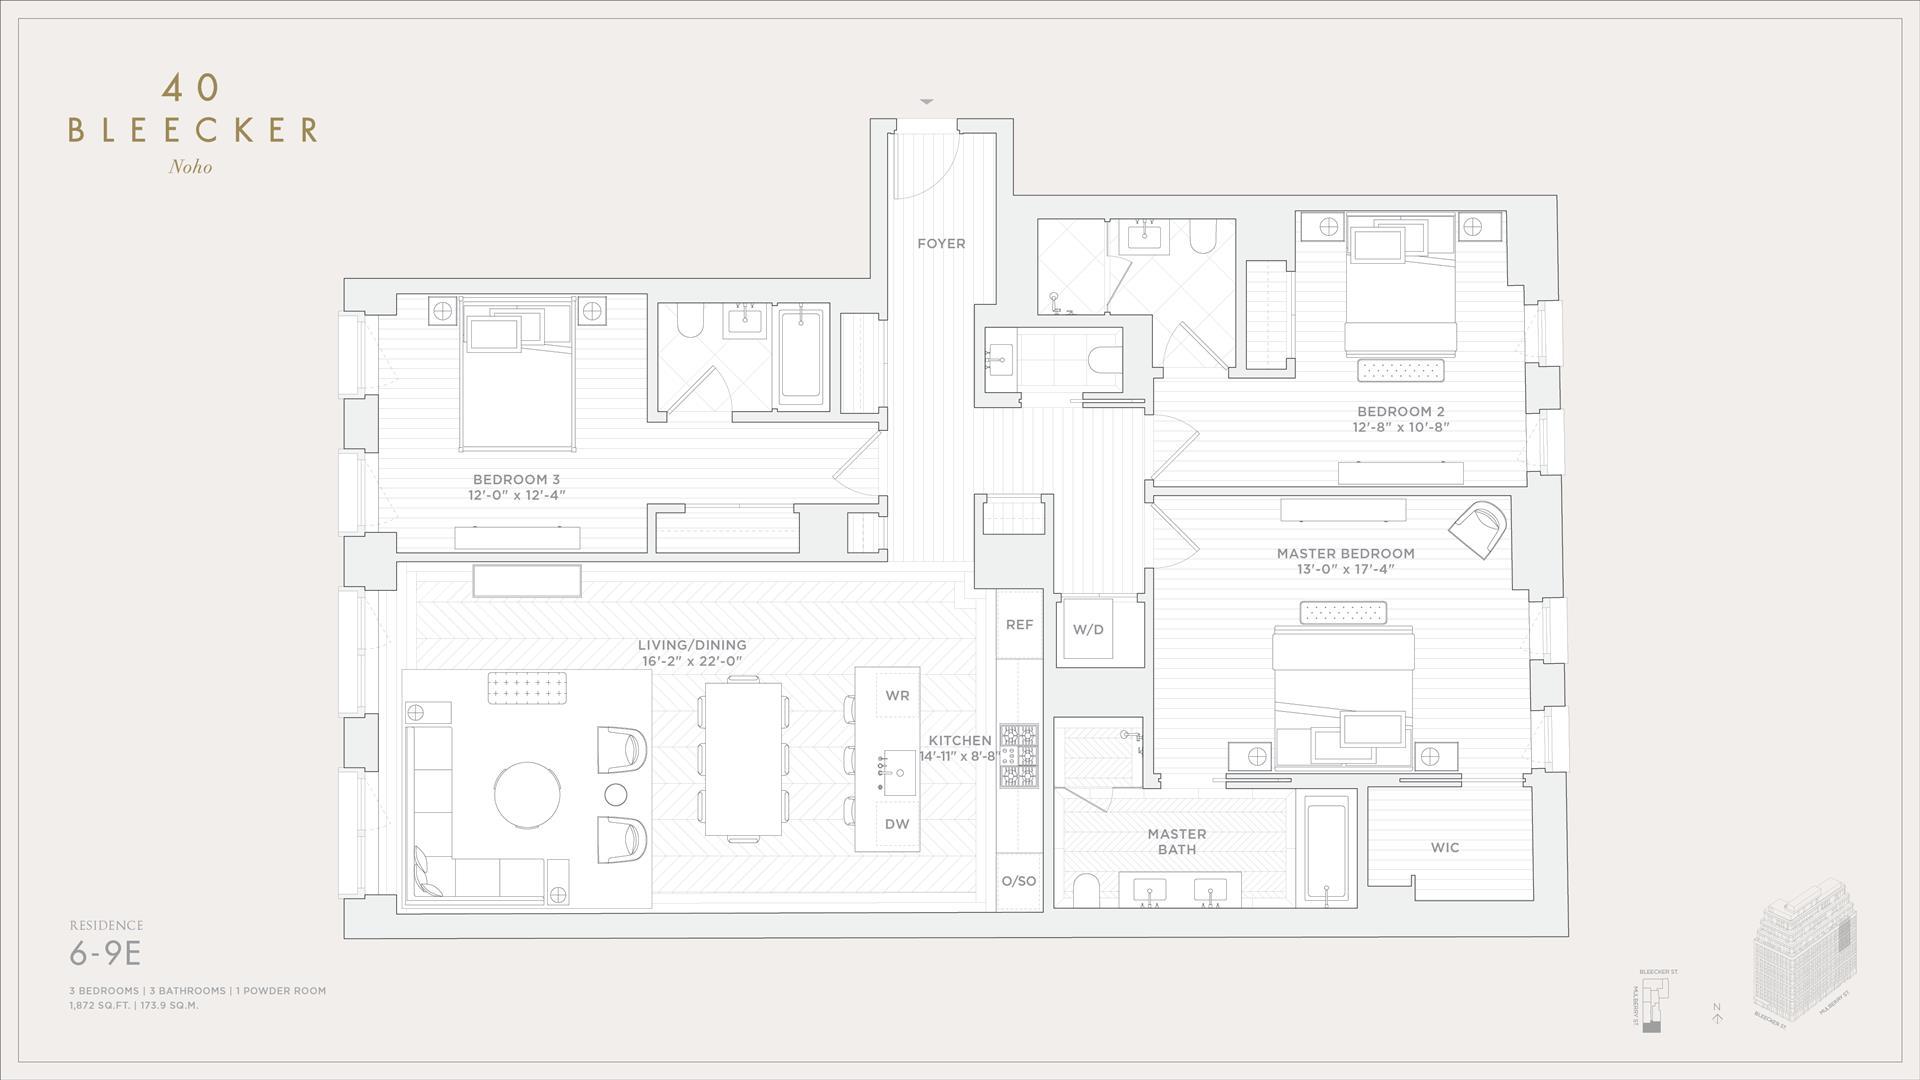 Floor plan of 40 Bleecker St, 7E - NoHo, New York